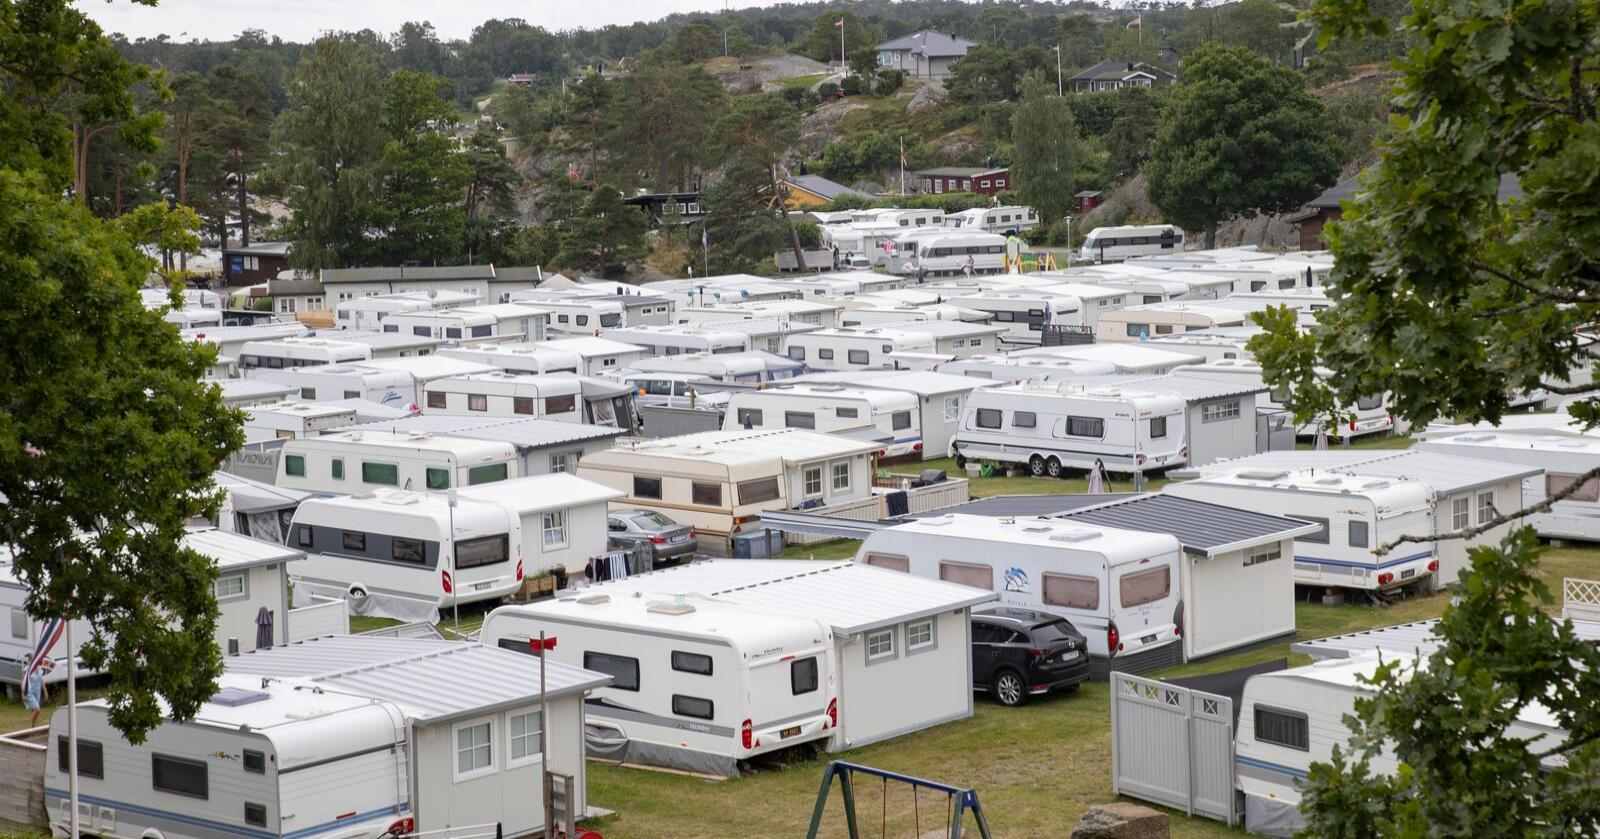 Camping var megapopulært i fjor. Her fra campingplassen på Lydhusstranda Camping ved Stavern utenfor Larvik. Foto: NTB / NPK